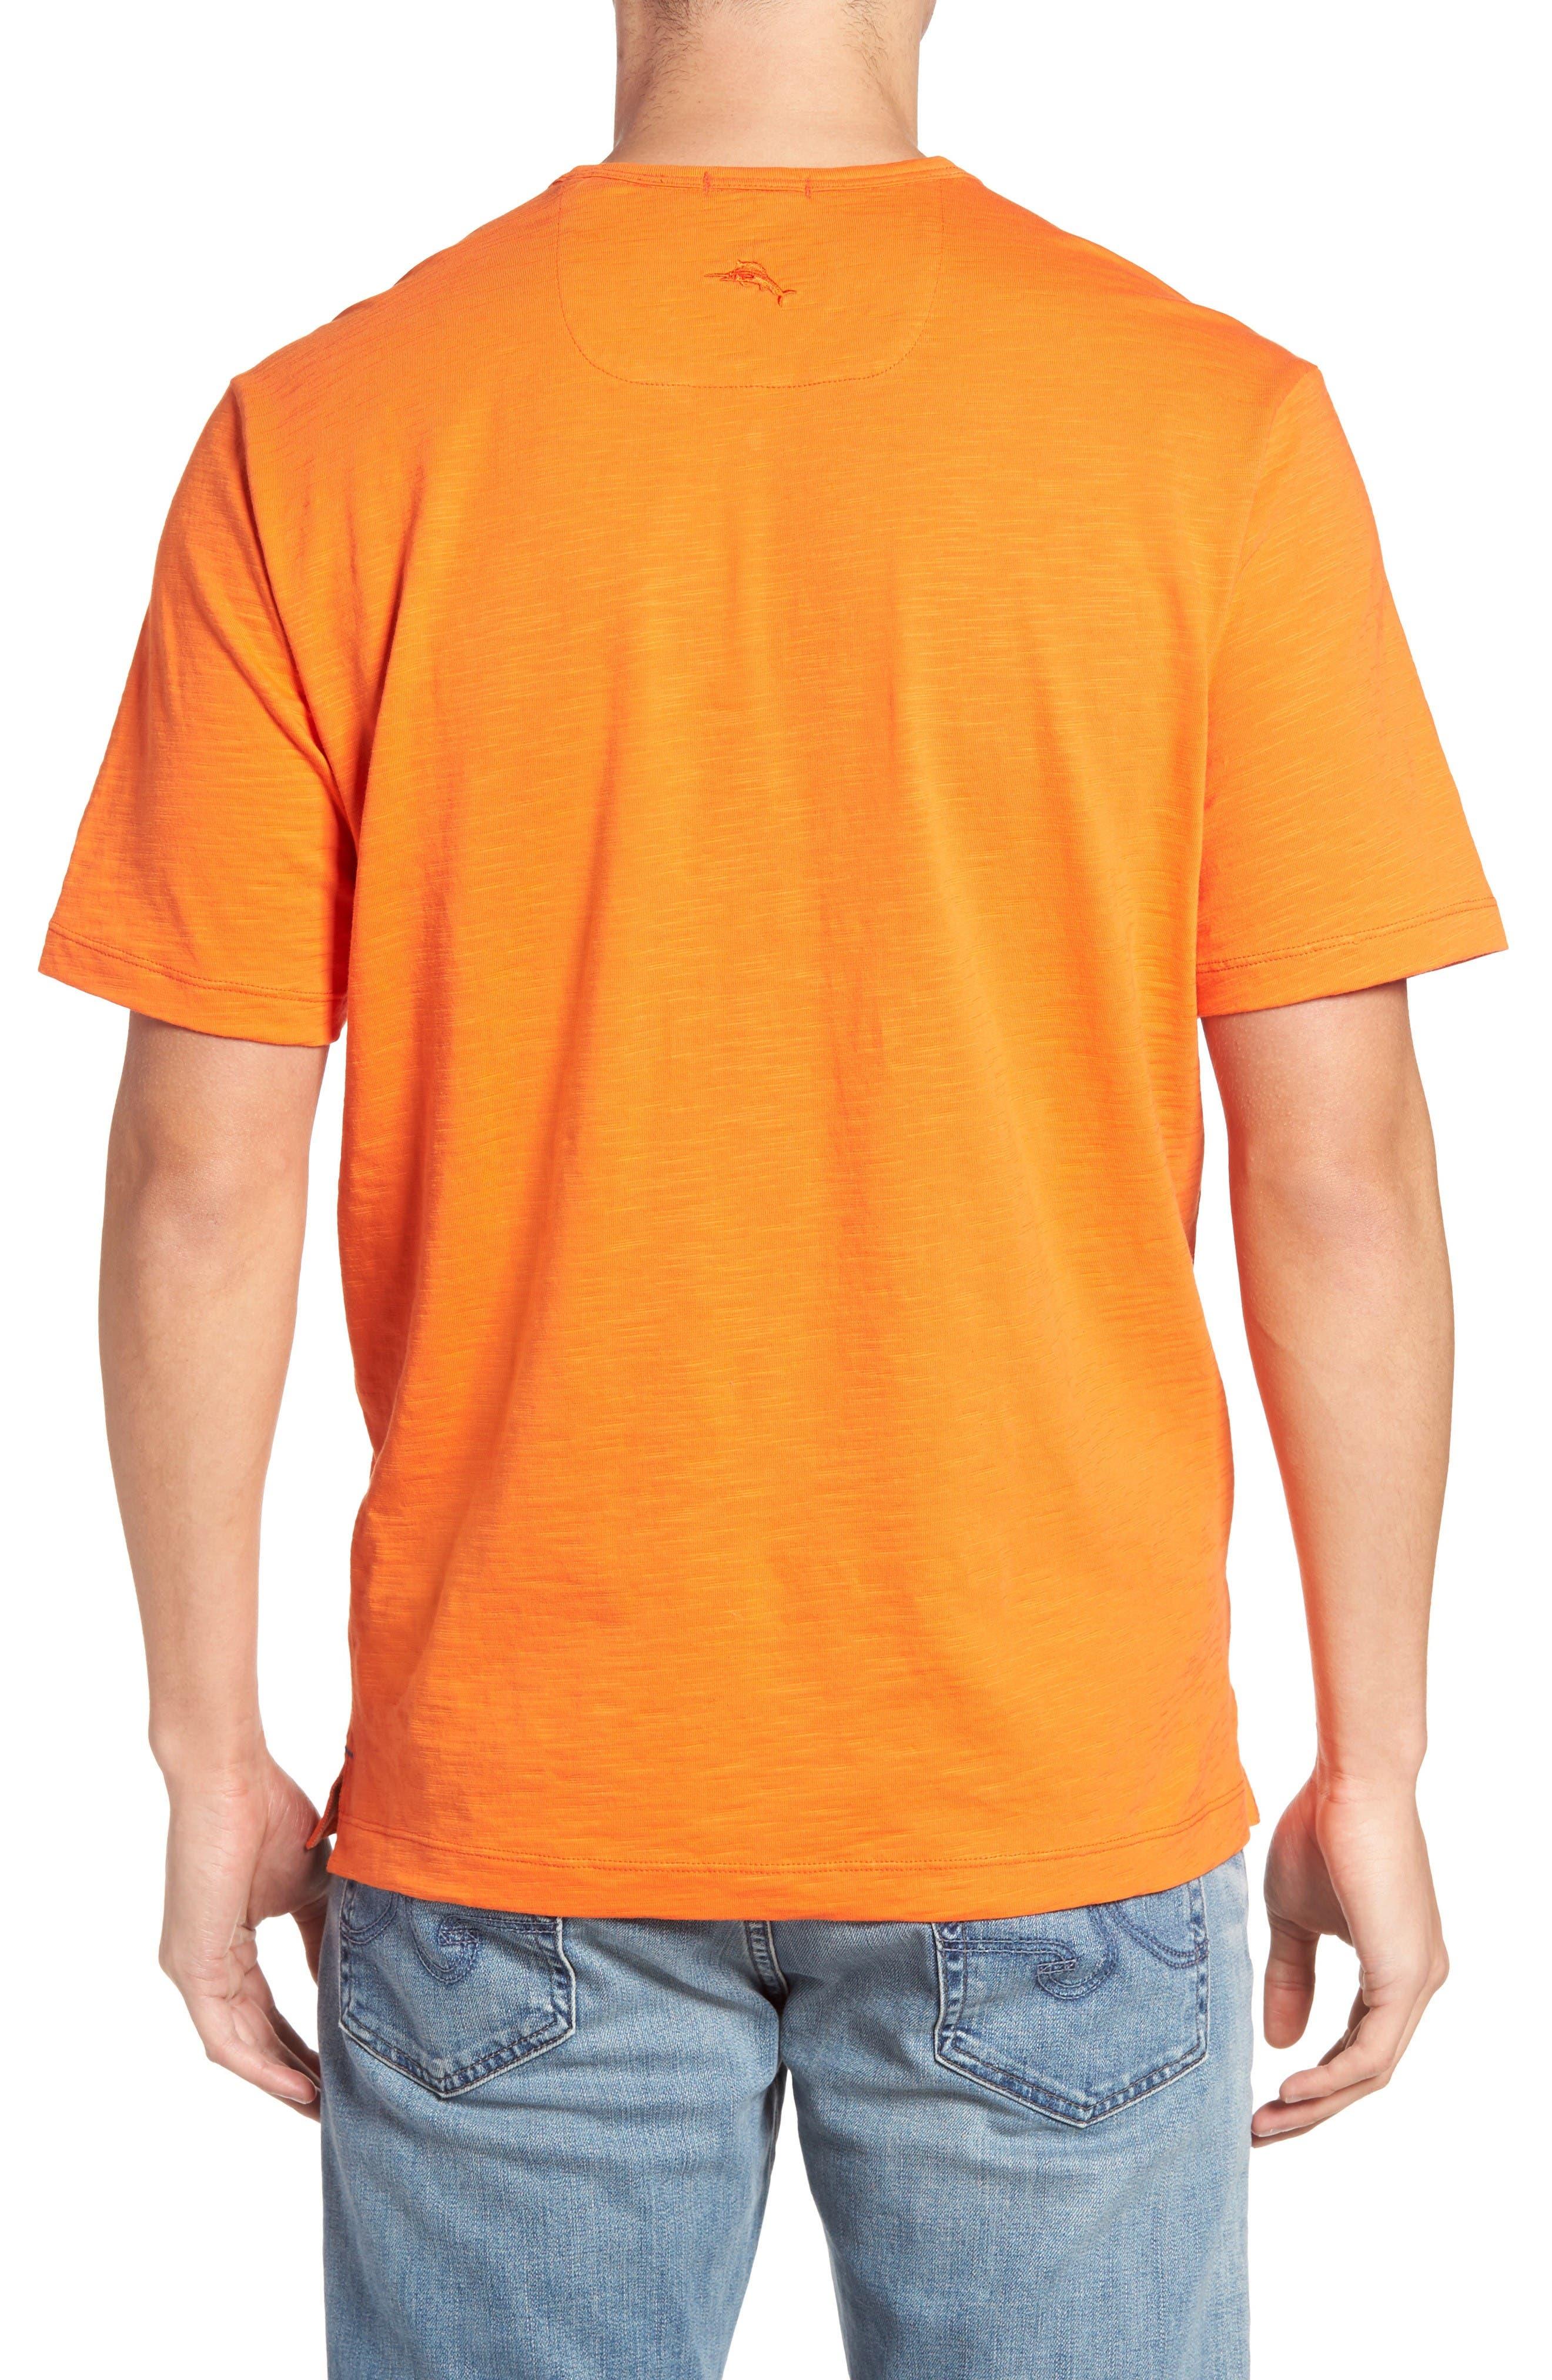 Alternate Image 2  - Tommy Bahama 'Portside Player' Pima Cotton T-Shirt